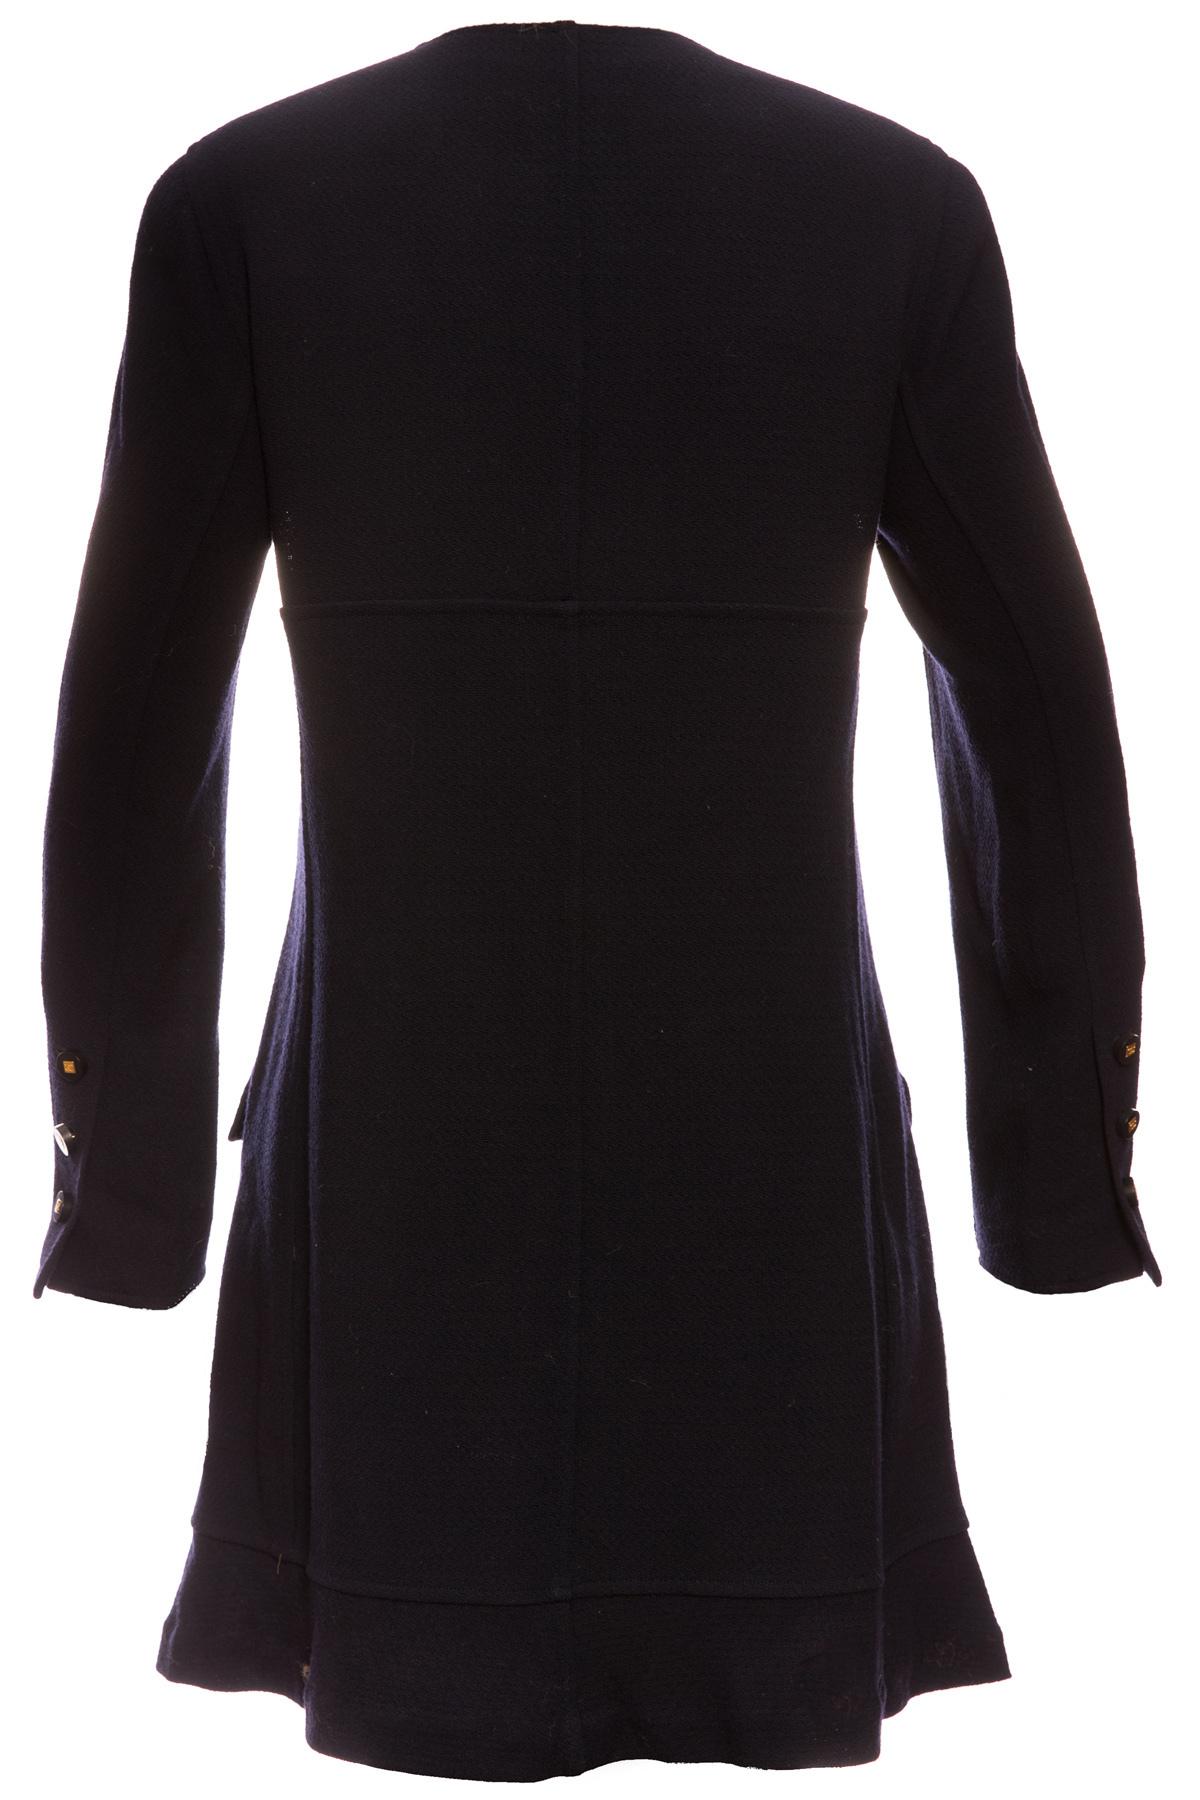 Элегантное темно-синее платье-пальто от Chanel, 42 размер